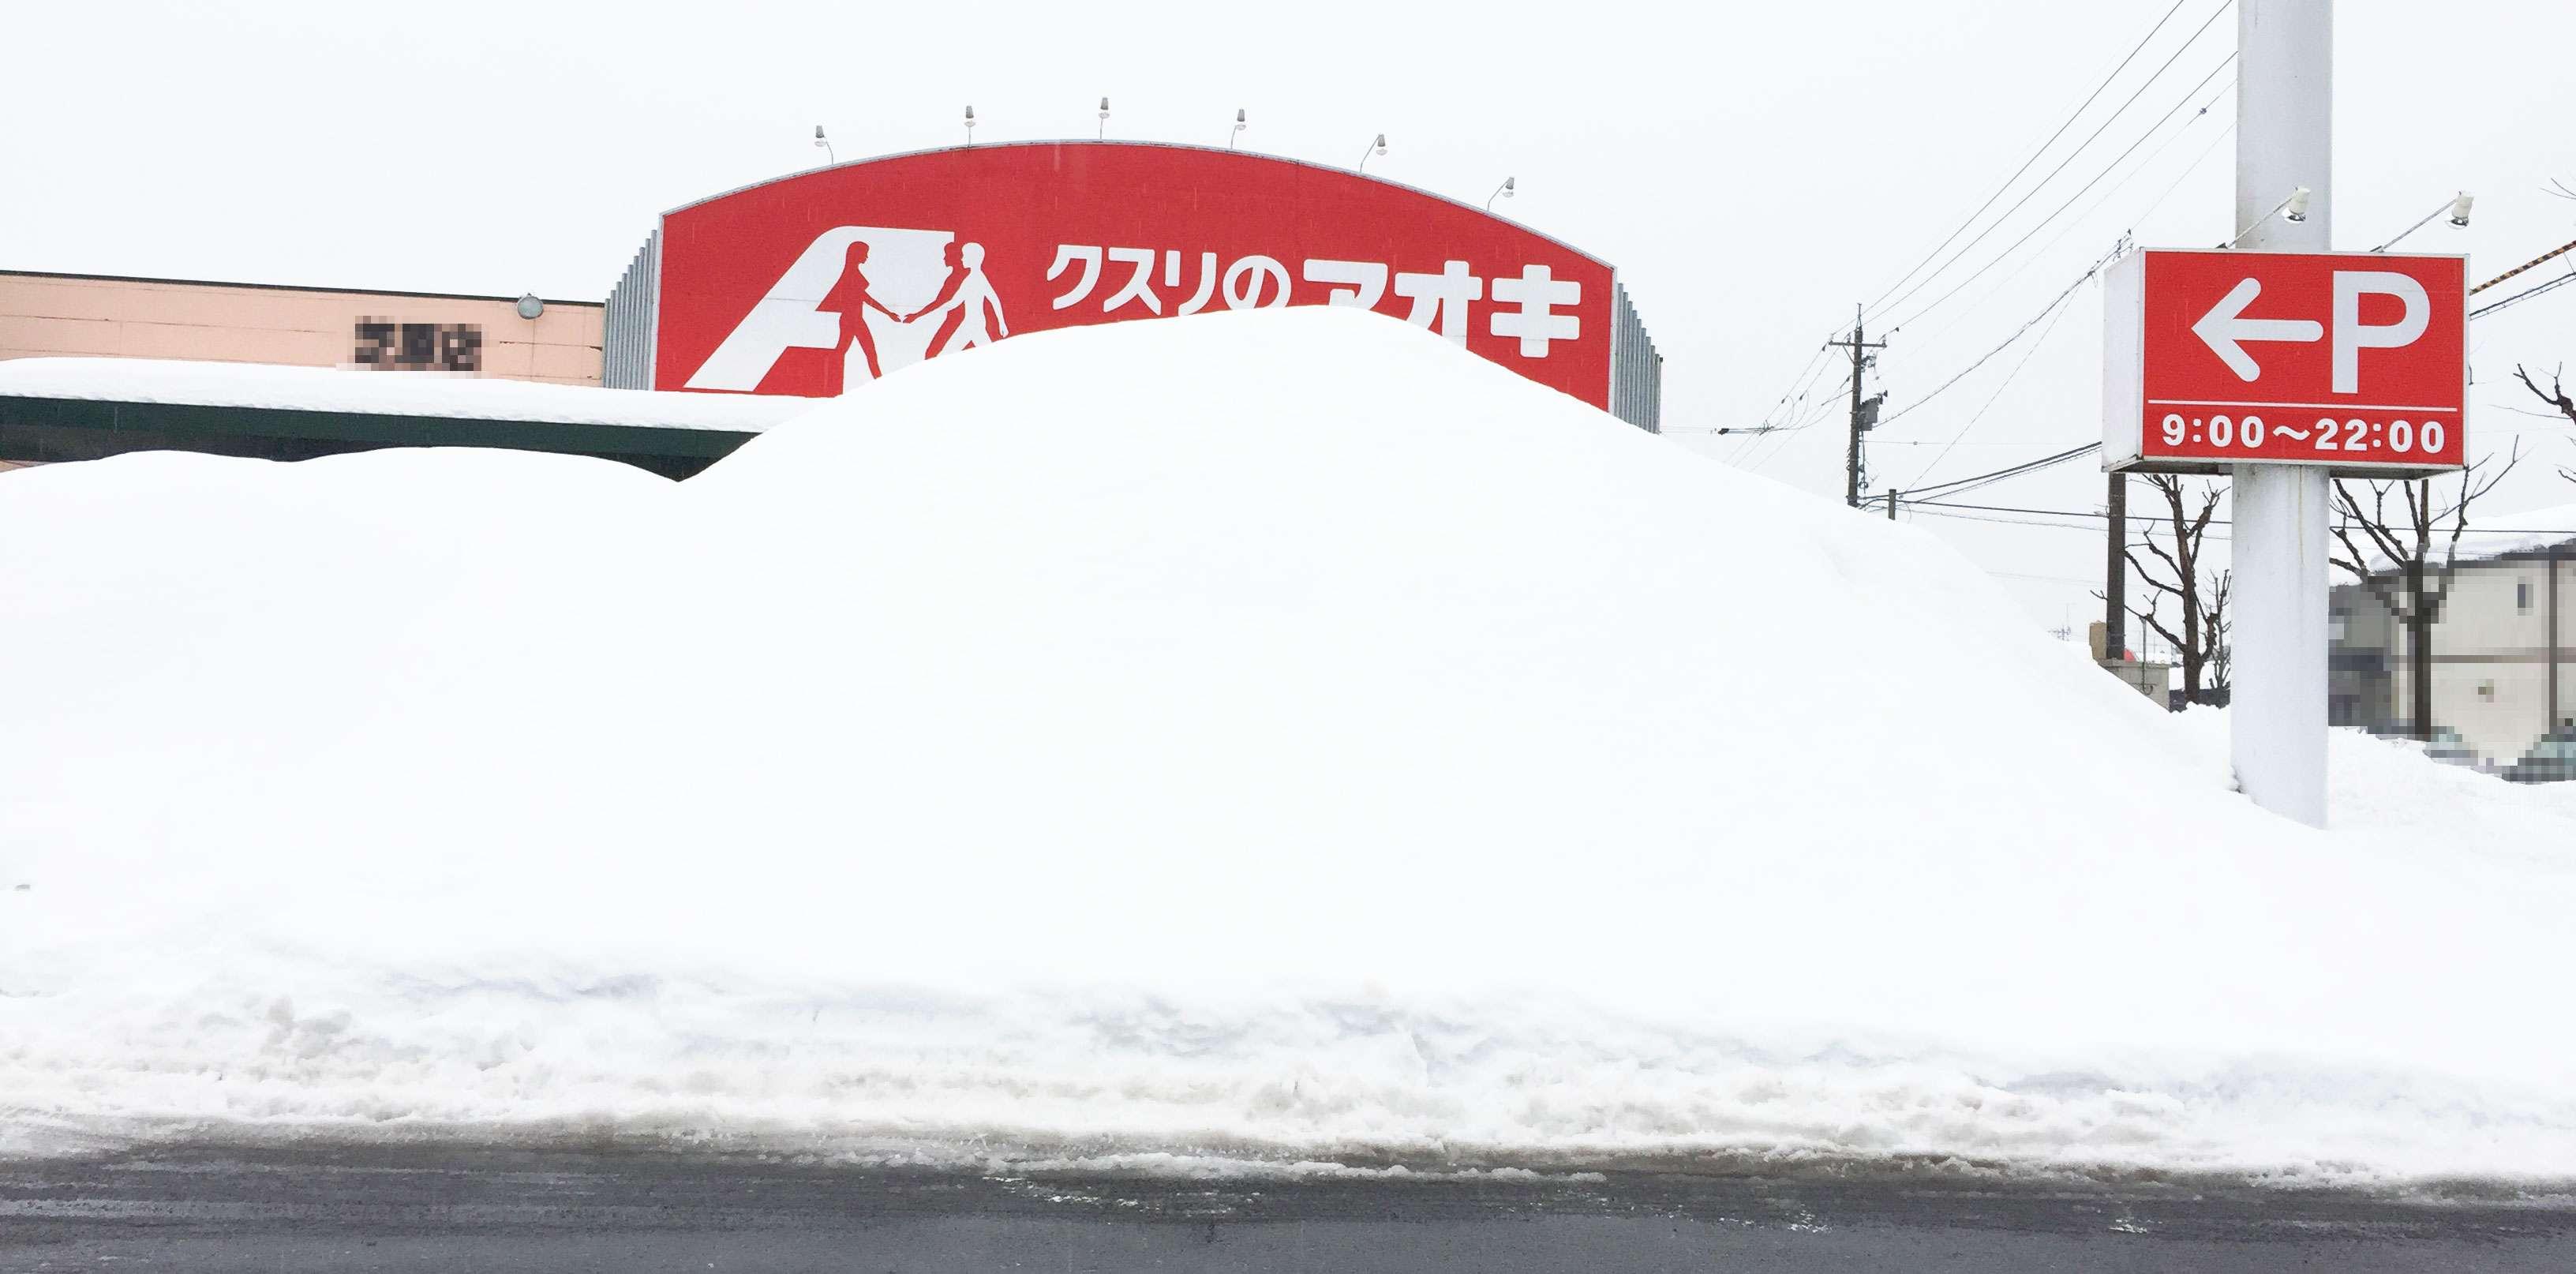 20180210_福井県大雪寒波_02